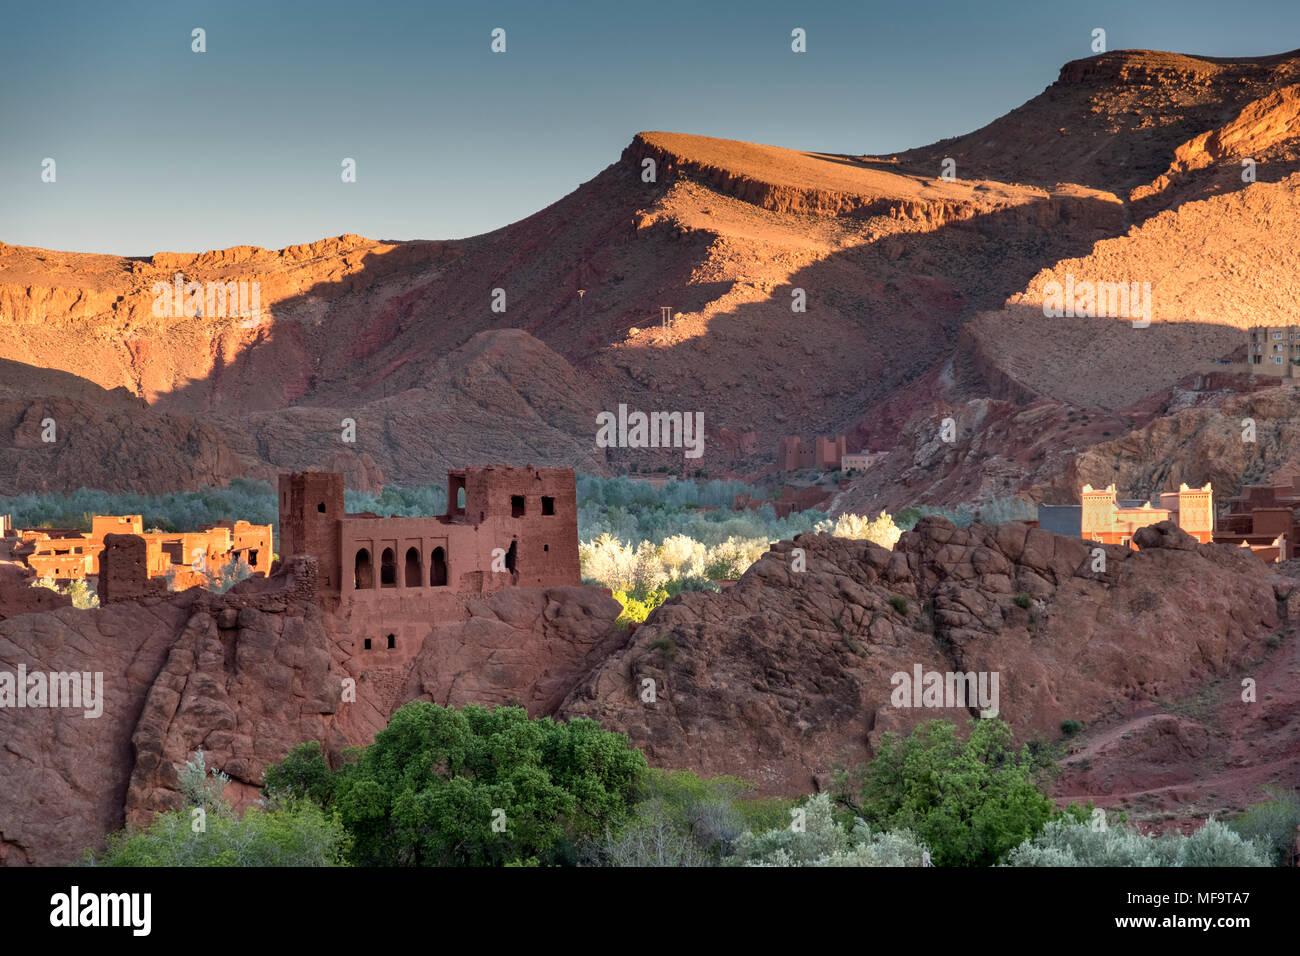 Abandonnée dans le spectaculaire Kasbah Vallée du Dadès, au Maroc Photo Stock